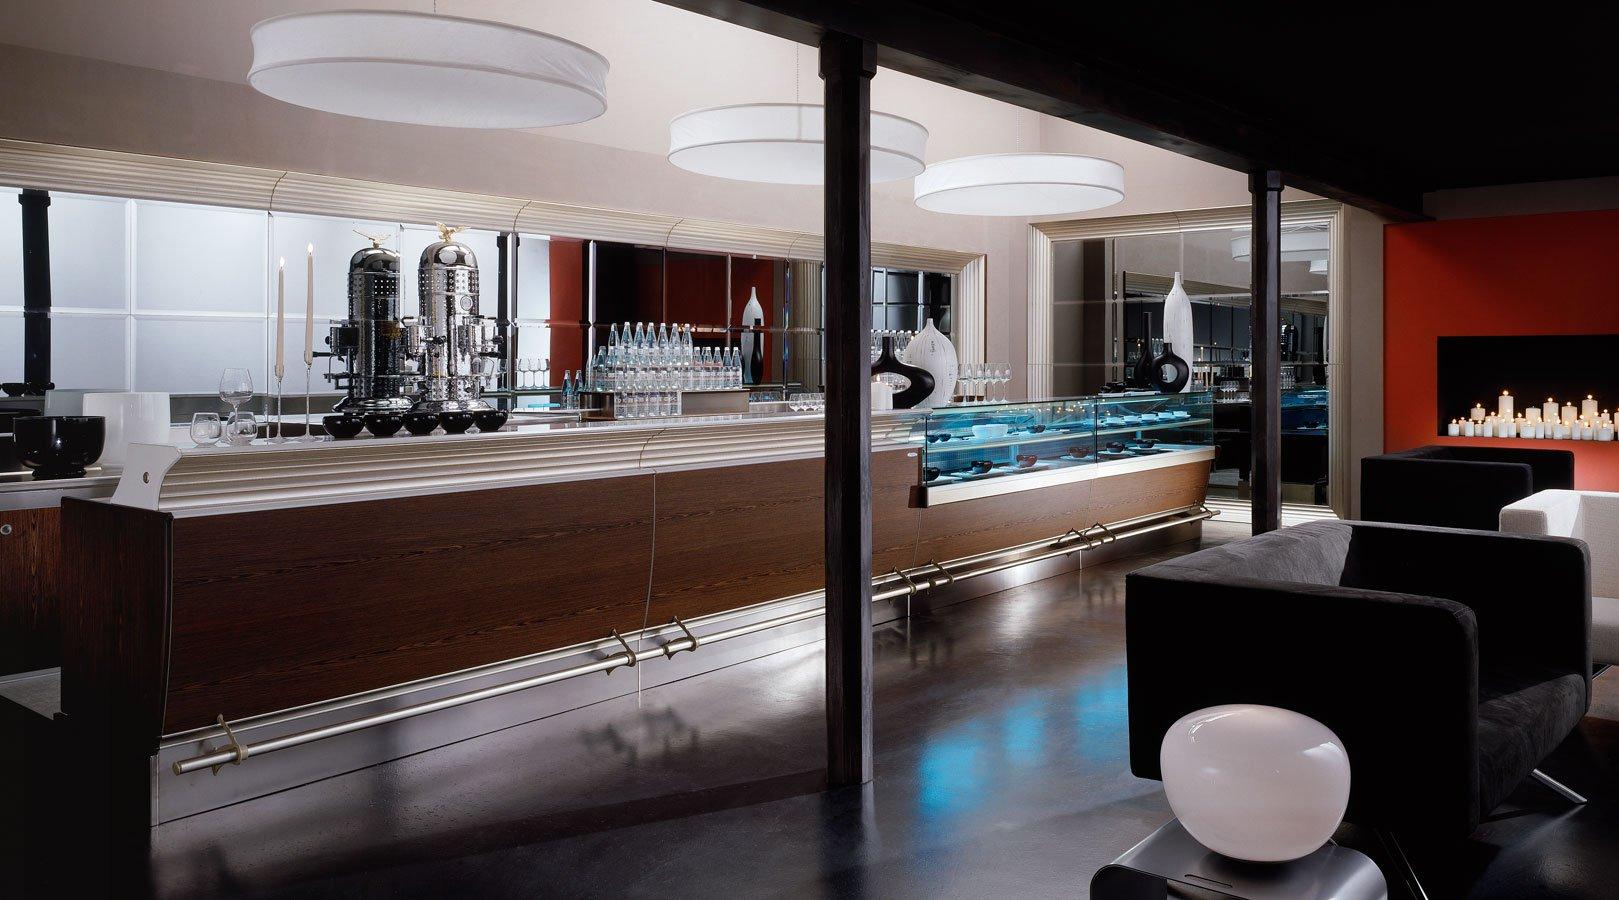 Arredo bar modello tiffany lecce for Arredo bar lecce